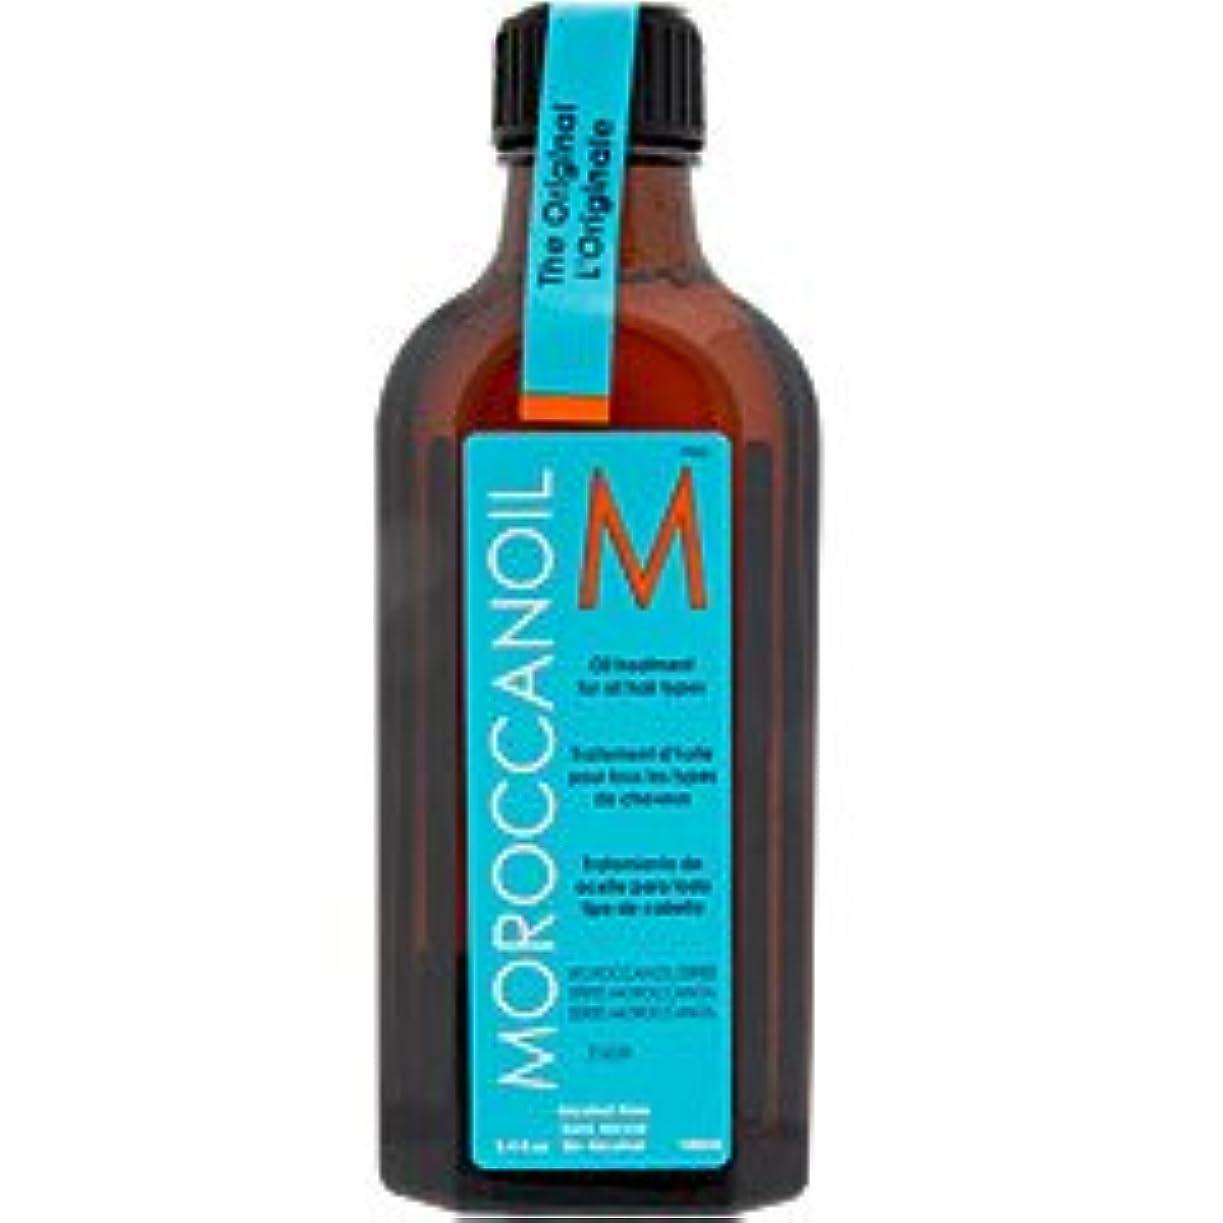 面白いピックレディモロッカンオイル(MOROCCANOIL) モロッカンオイル オイルトリートメント 100ml [海外直送品][並行輸入品]